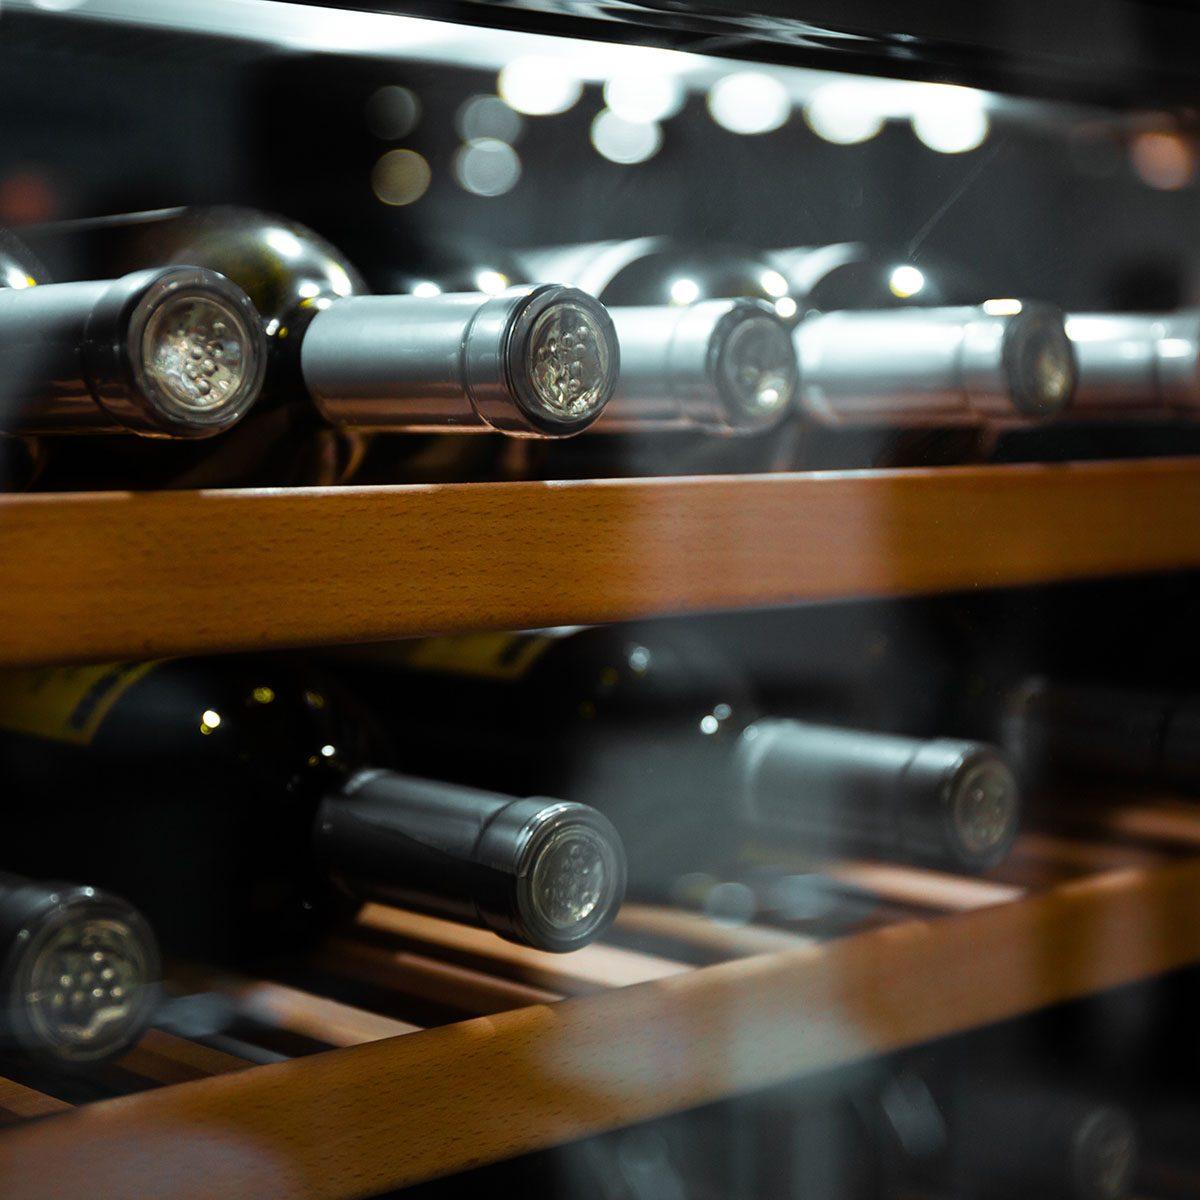 Storing bottles of wine in fridge. Alcoholic card in restaurant.